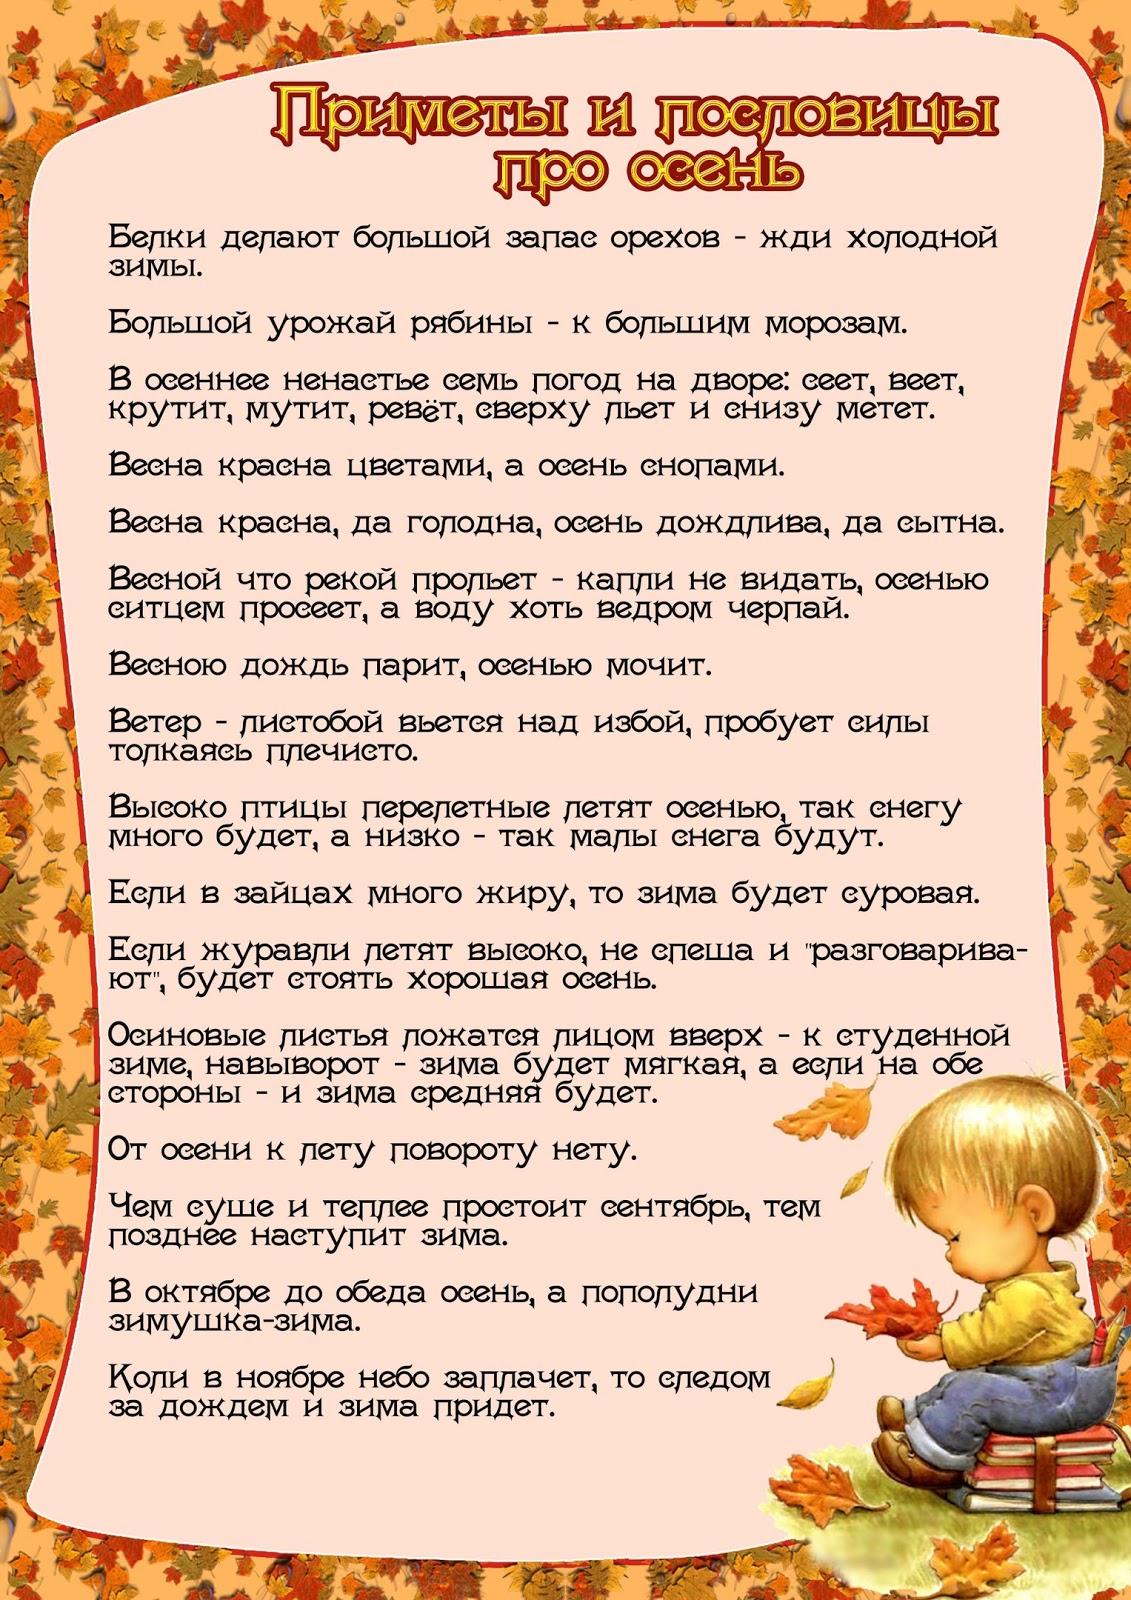 Пословицы и приметы об осени в картинках